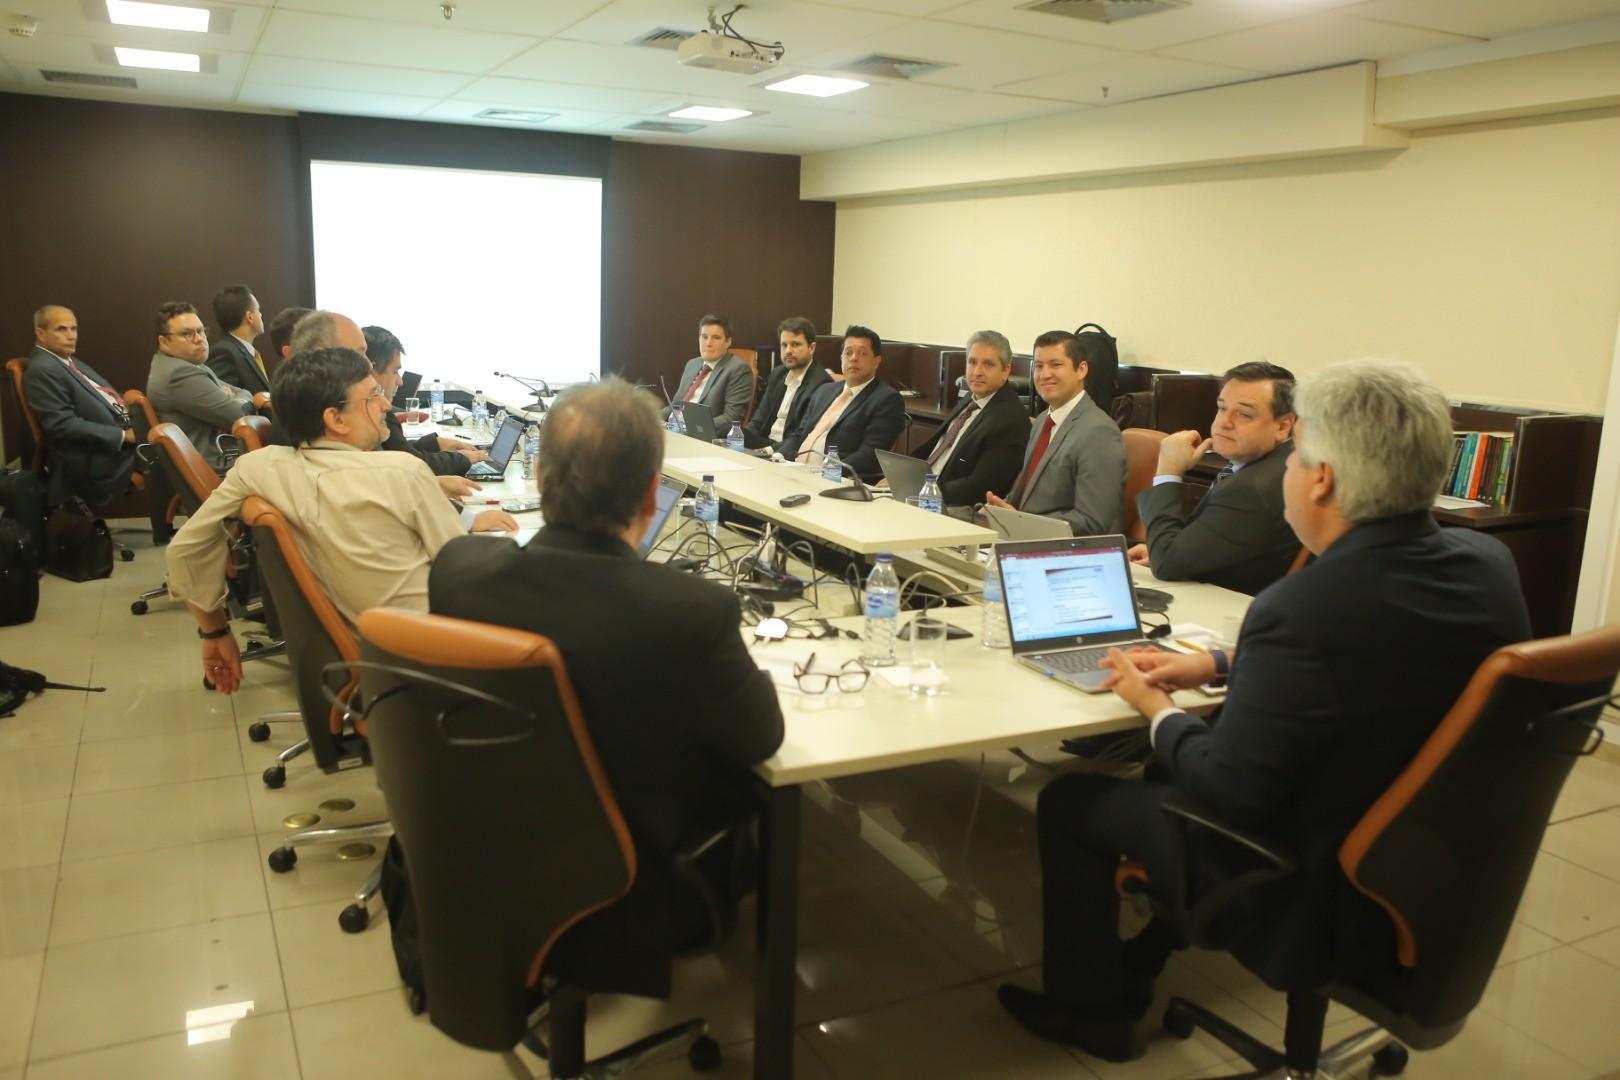 Merlo participa de reunião com Grupo de Estudos (GE) no CFC